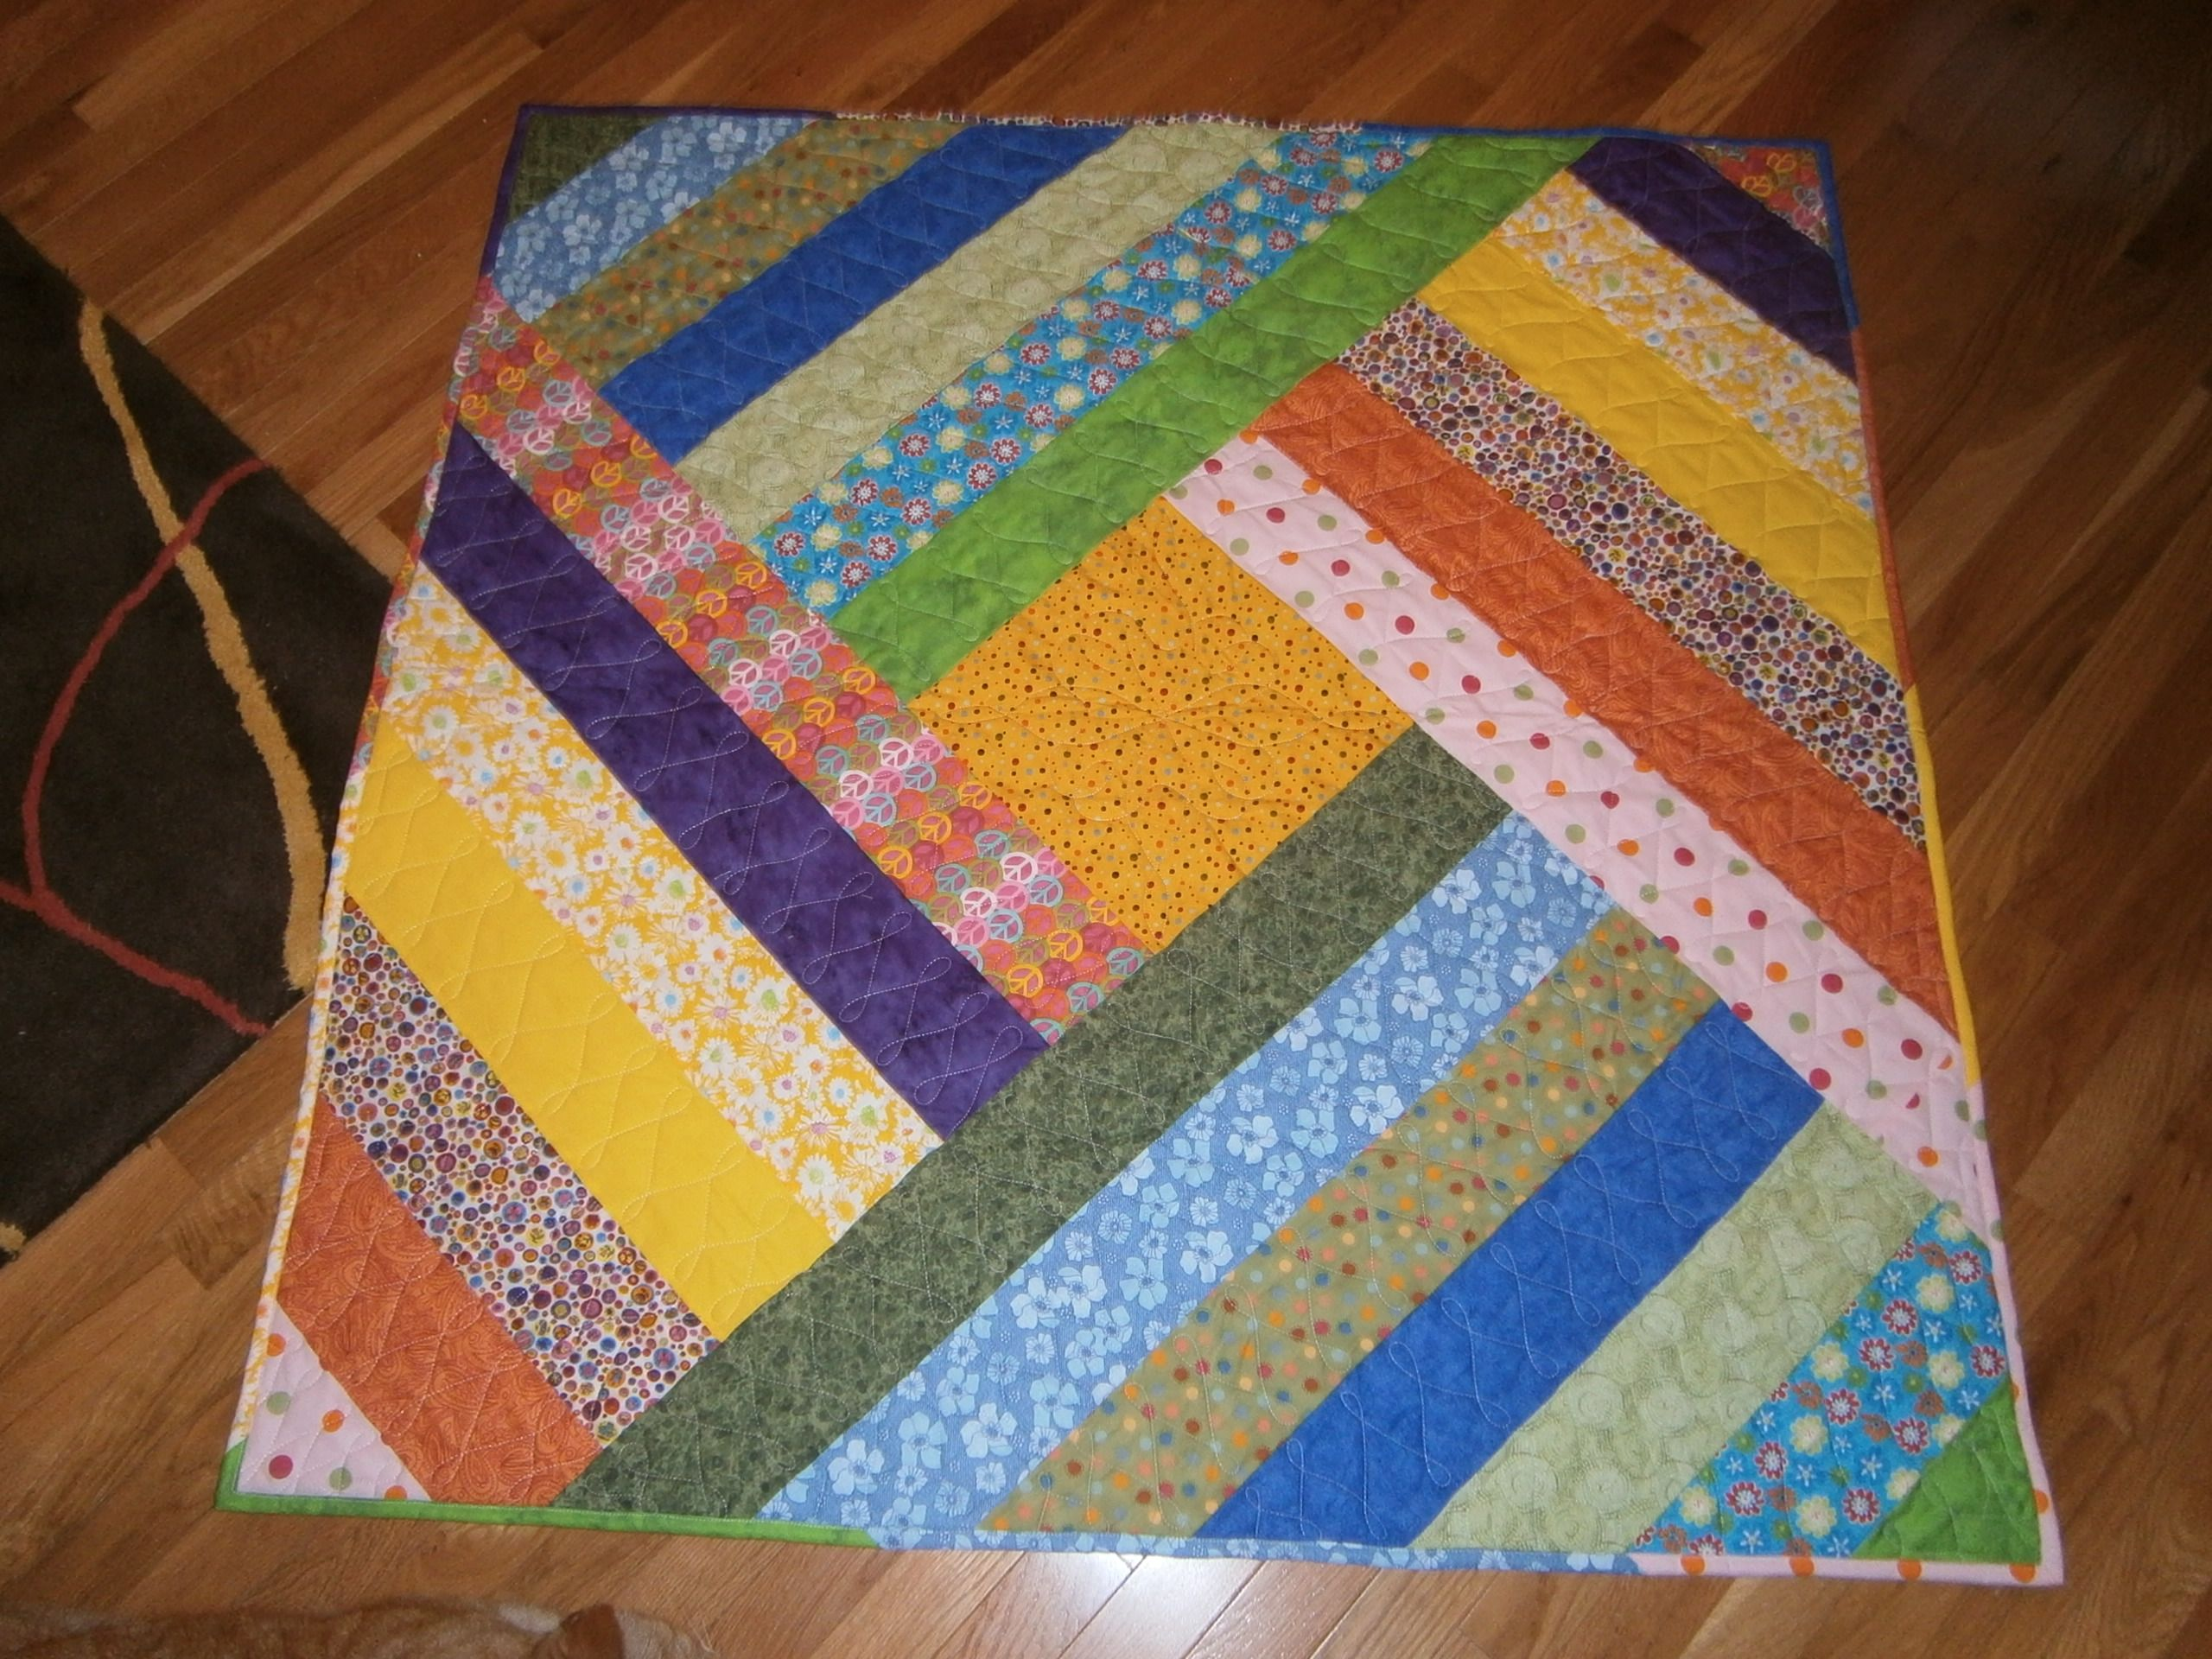 Fotos de tapetes de retalhos costurados